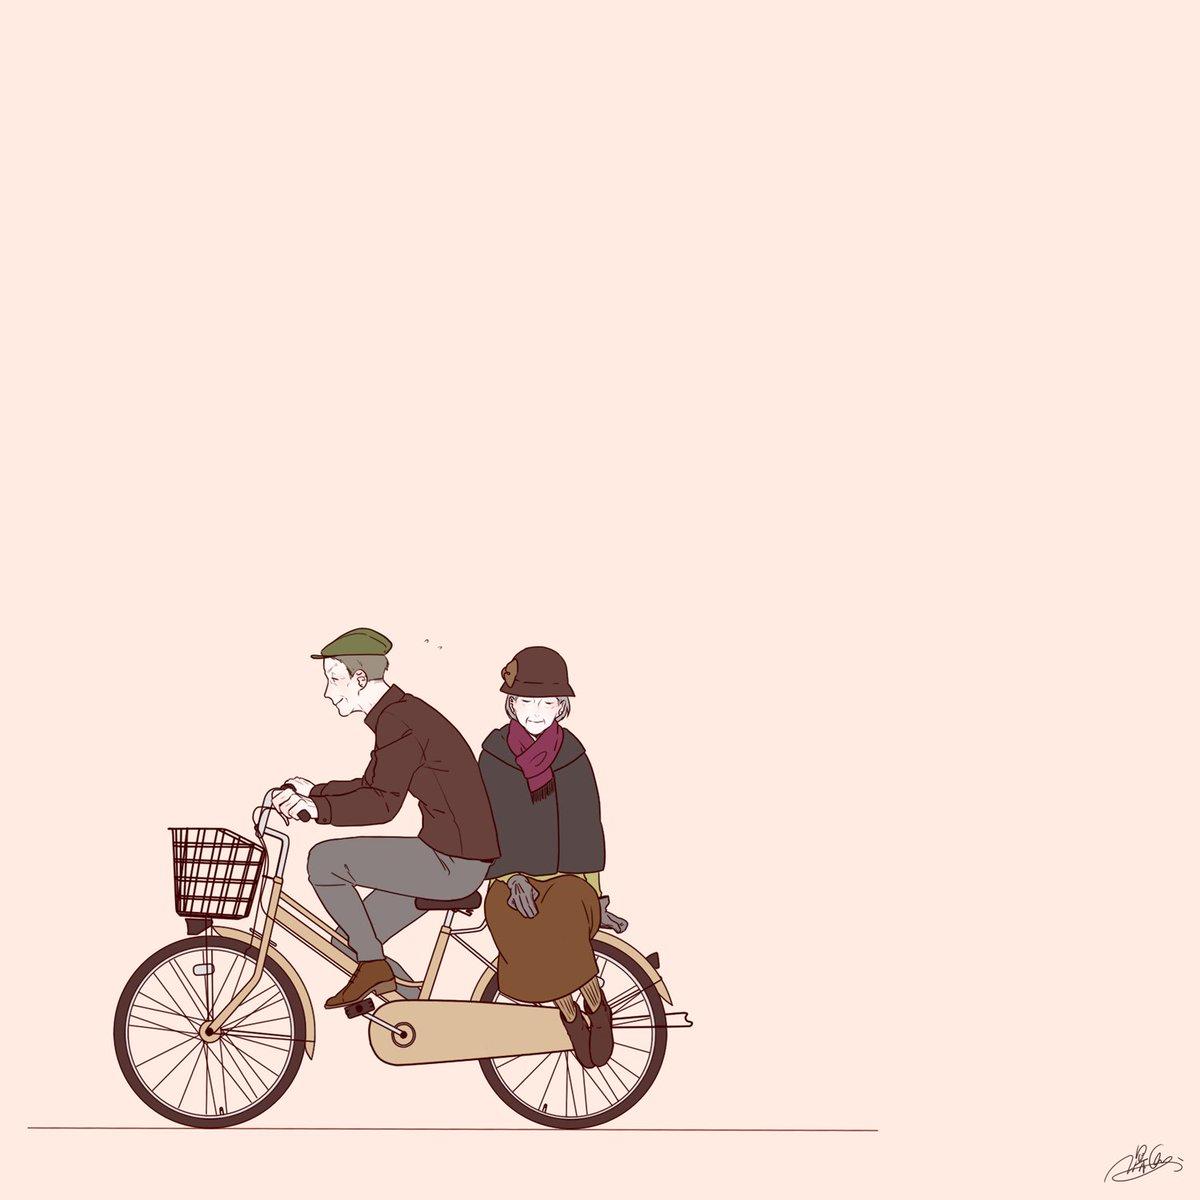 いい夫婦の日、せっかくなので便乗して画集の中の1枚!#いい夫婦の日 https://t.co/RUSwglDvFD